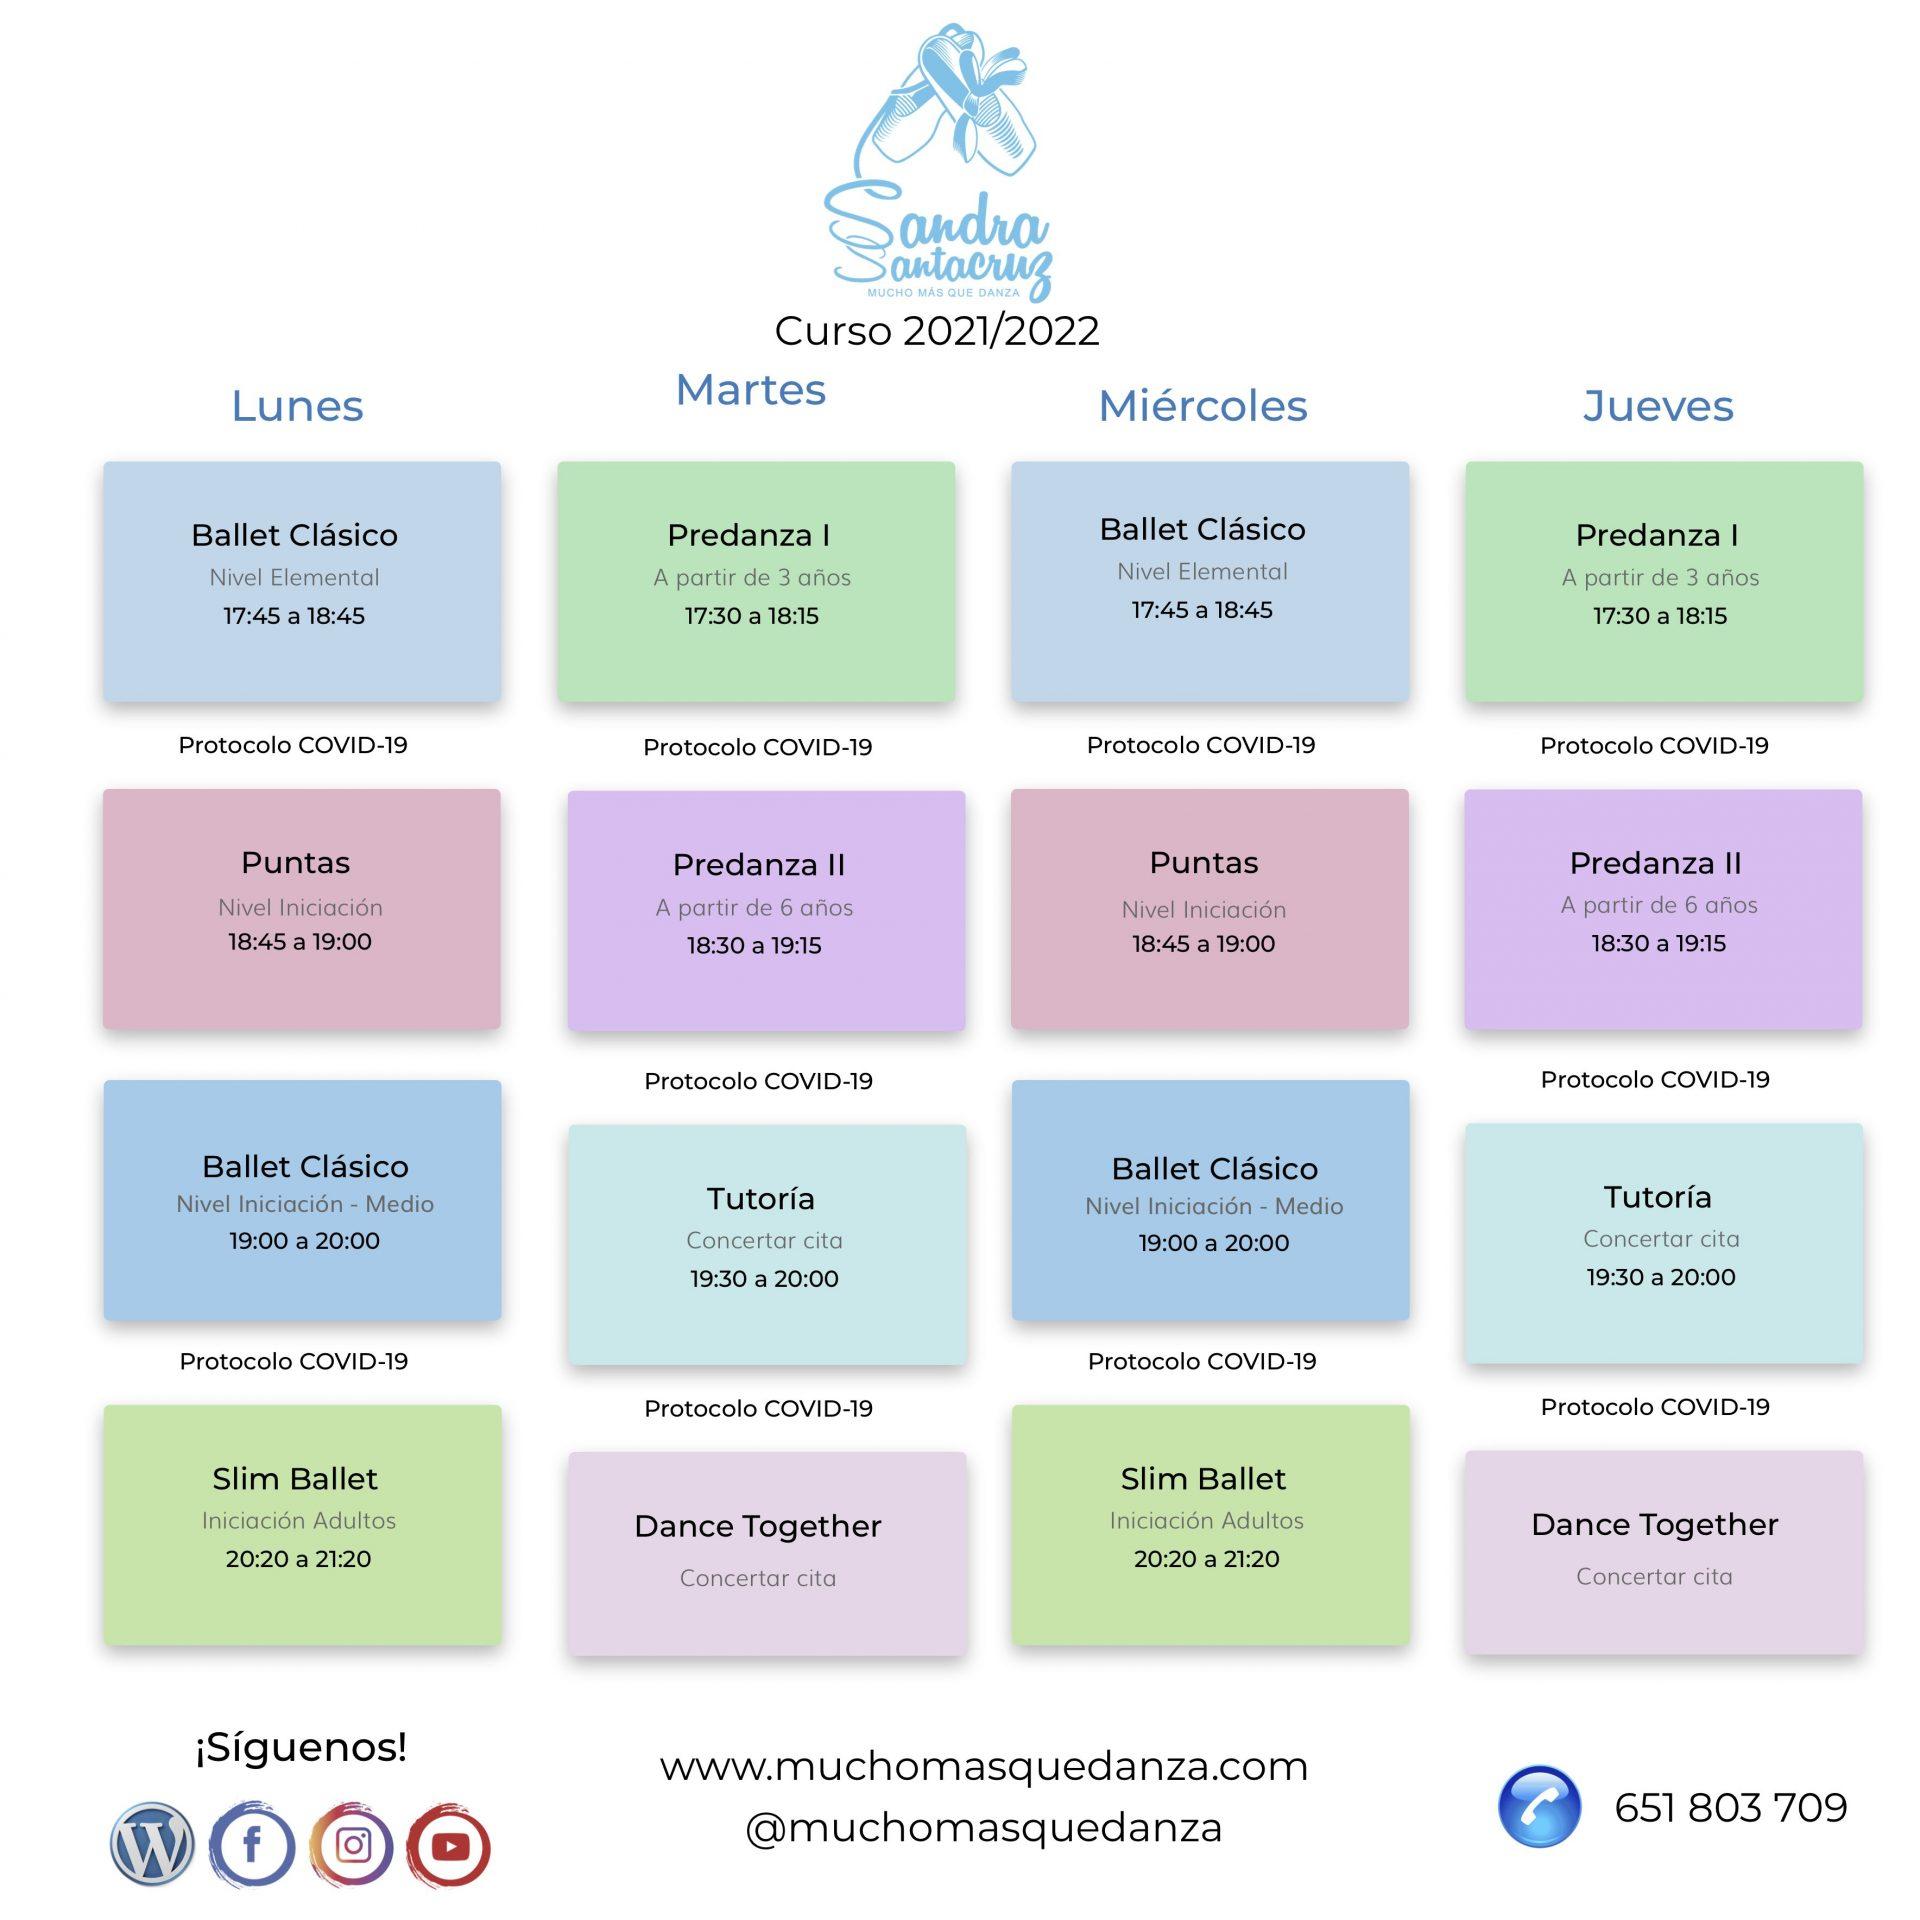 Horario de clases del centro de Danza  Sandra Santa Cruz para el curso 2021/2022. En colores pasteles se diferencian sus disciplinas. en la parte de de abajo, se encuentran las redes sociales.